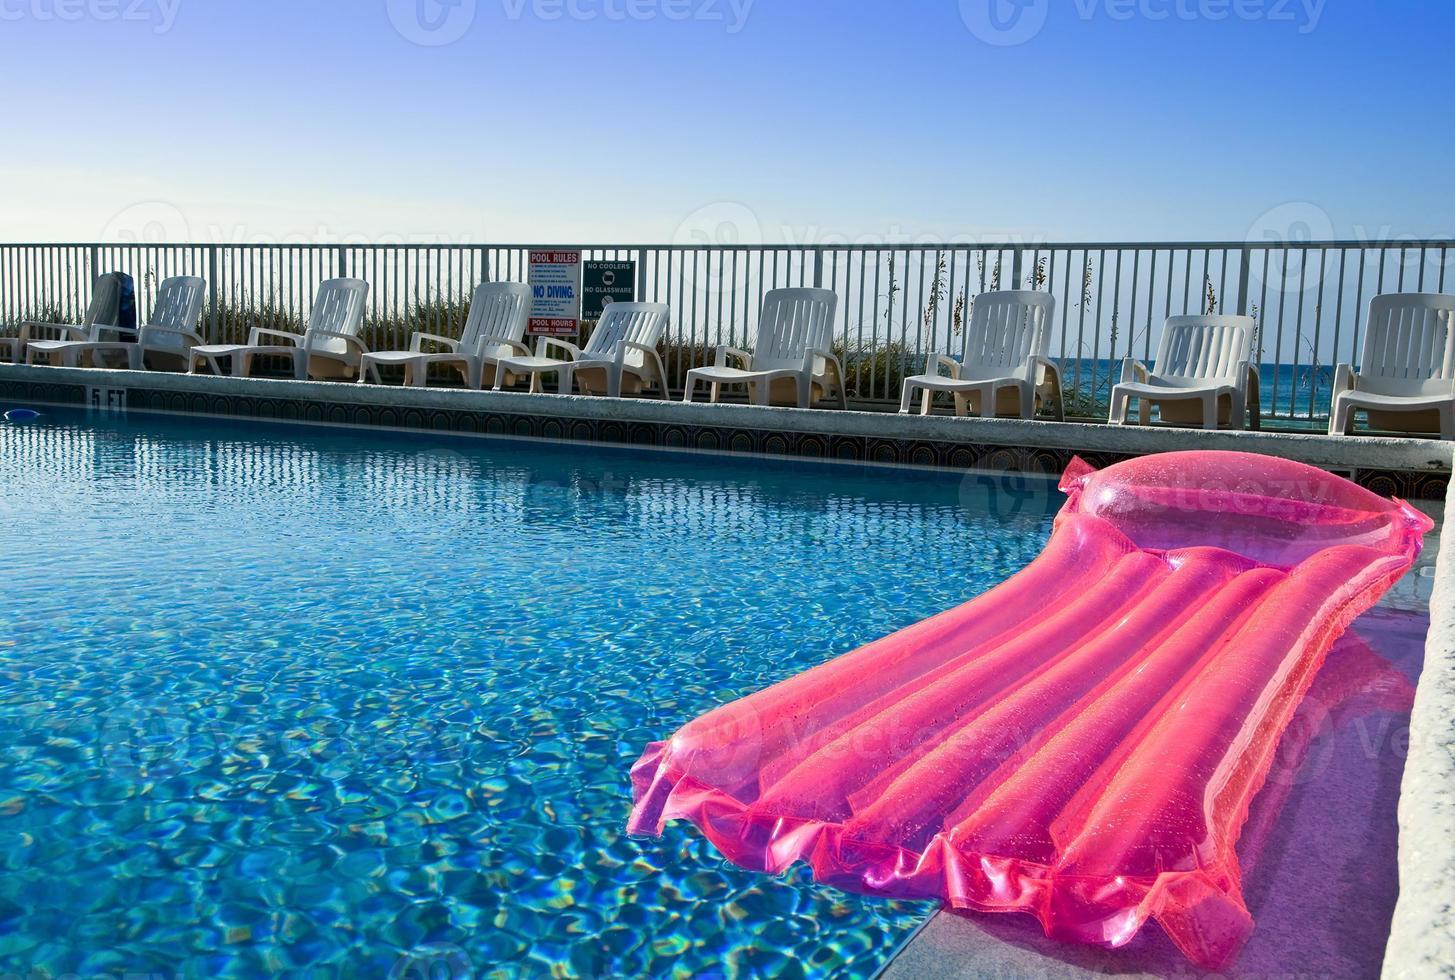 Pink air mattress photo